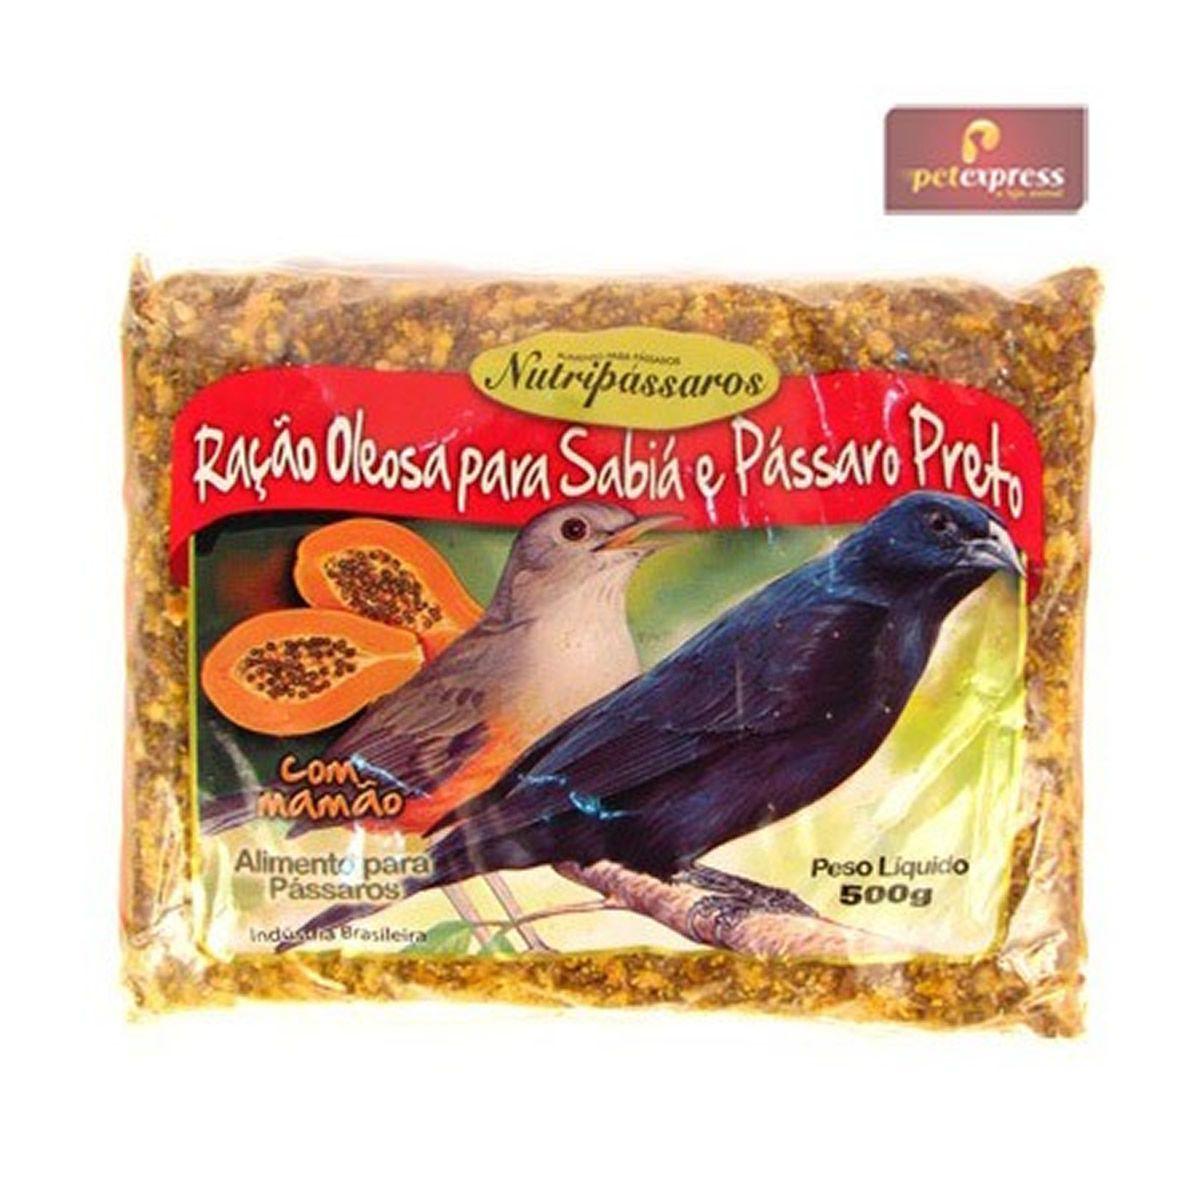 Ração Oleosa para sabiá e pássaro preto